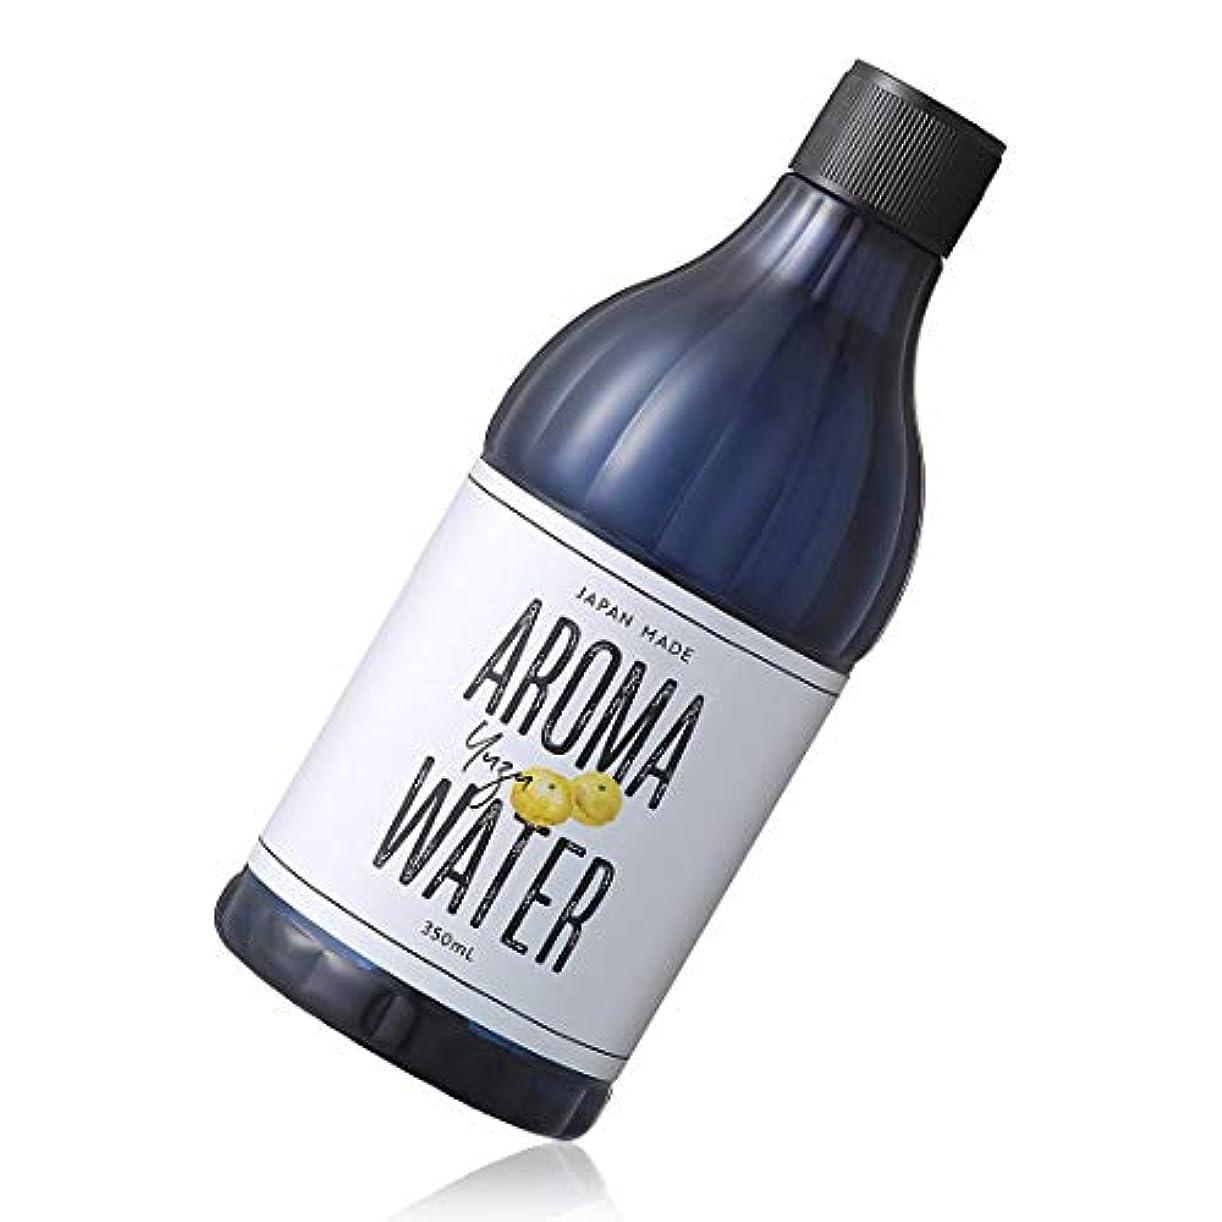 幹エイリアン接続されたデイリーアロマジャパン アロマウォーター 加湿器用 350ml 日本製 アロマ水 精油 配合 水溶性 アロマ - ユズ